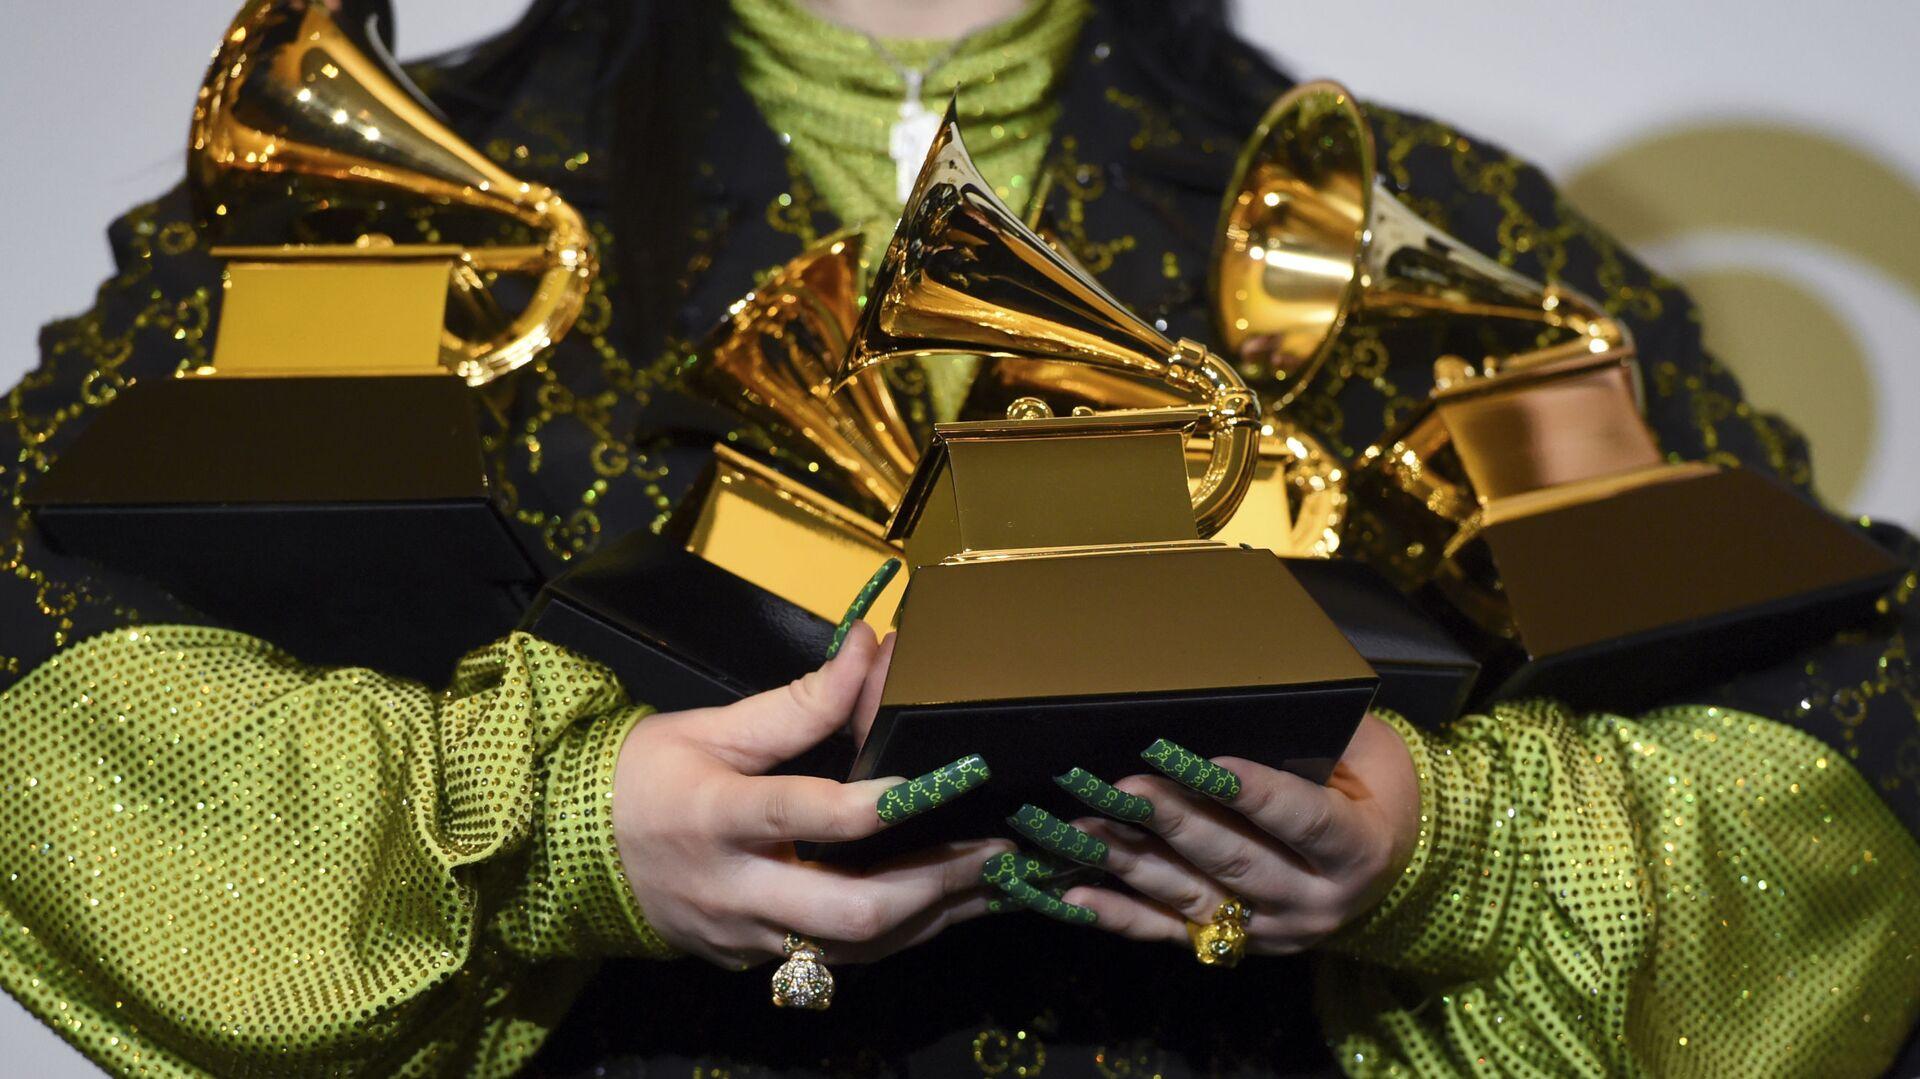 Billie Eilish con unas estatuillas Grammy en las manos, en 2020 - Sputnik Mundo, 1920, 13.03.2021